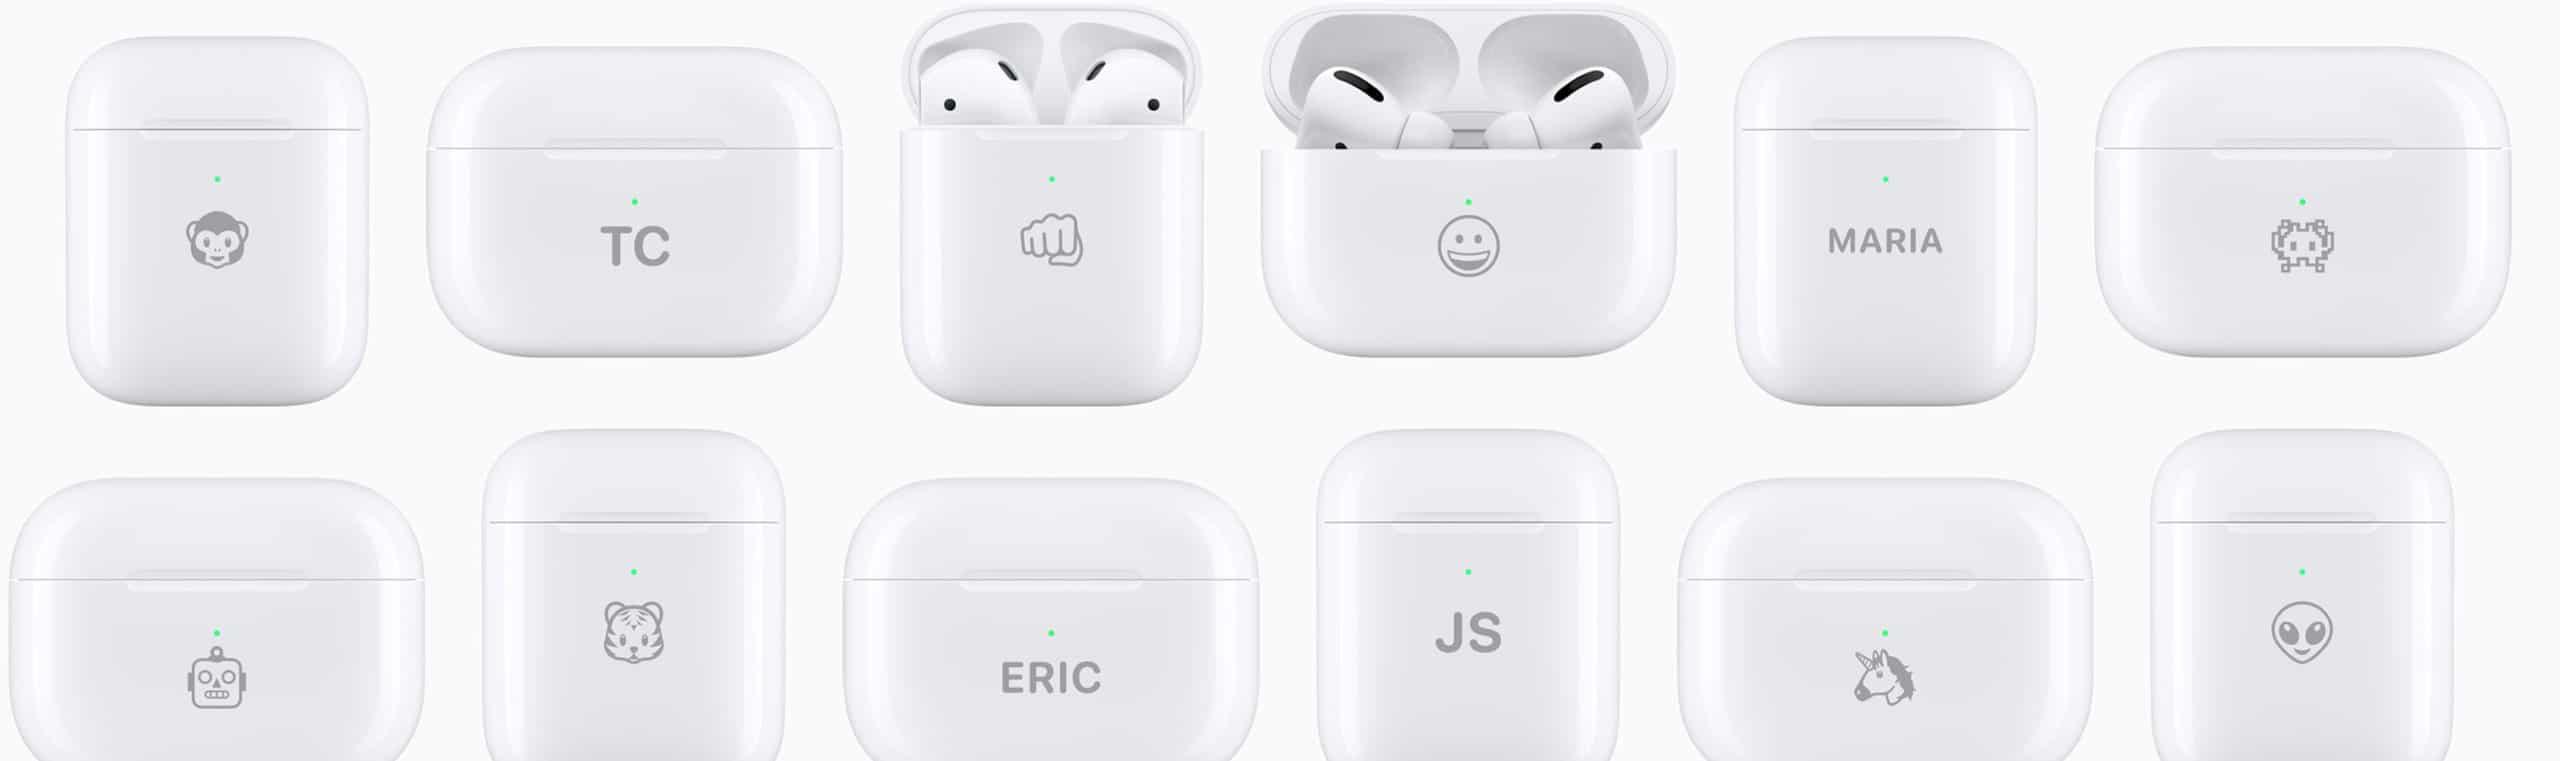 Estojos de AirPods personalizados com emojis